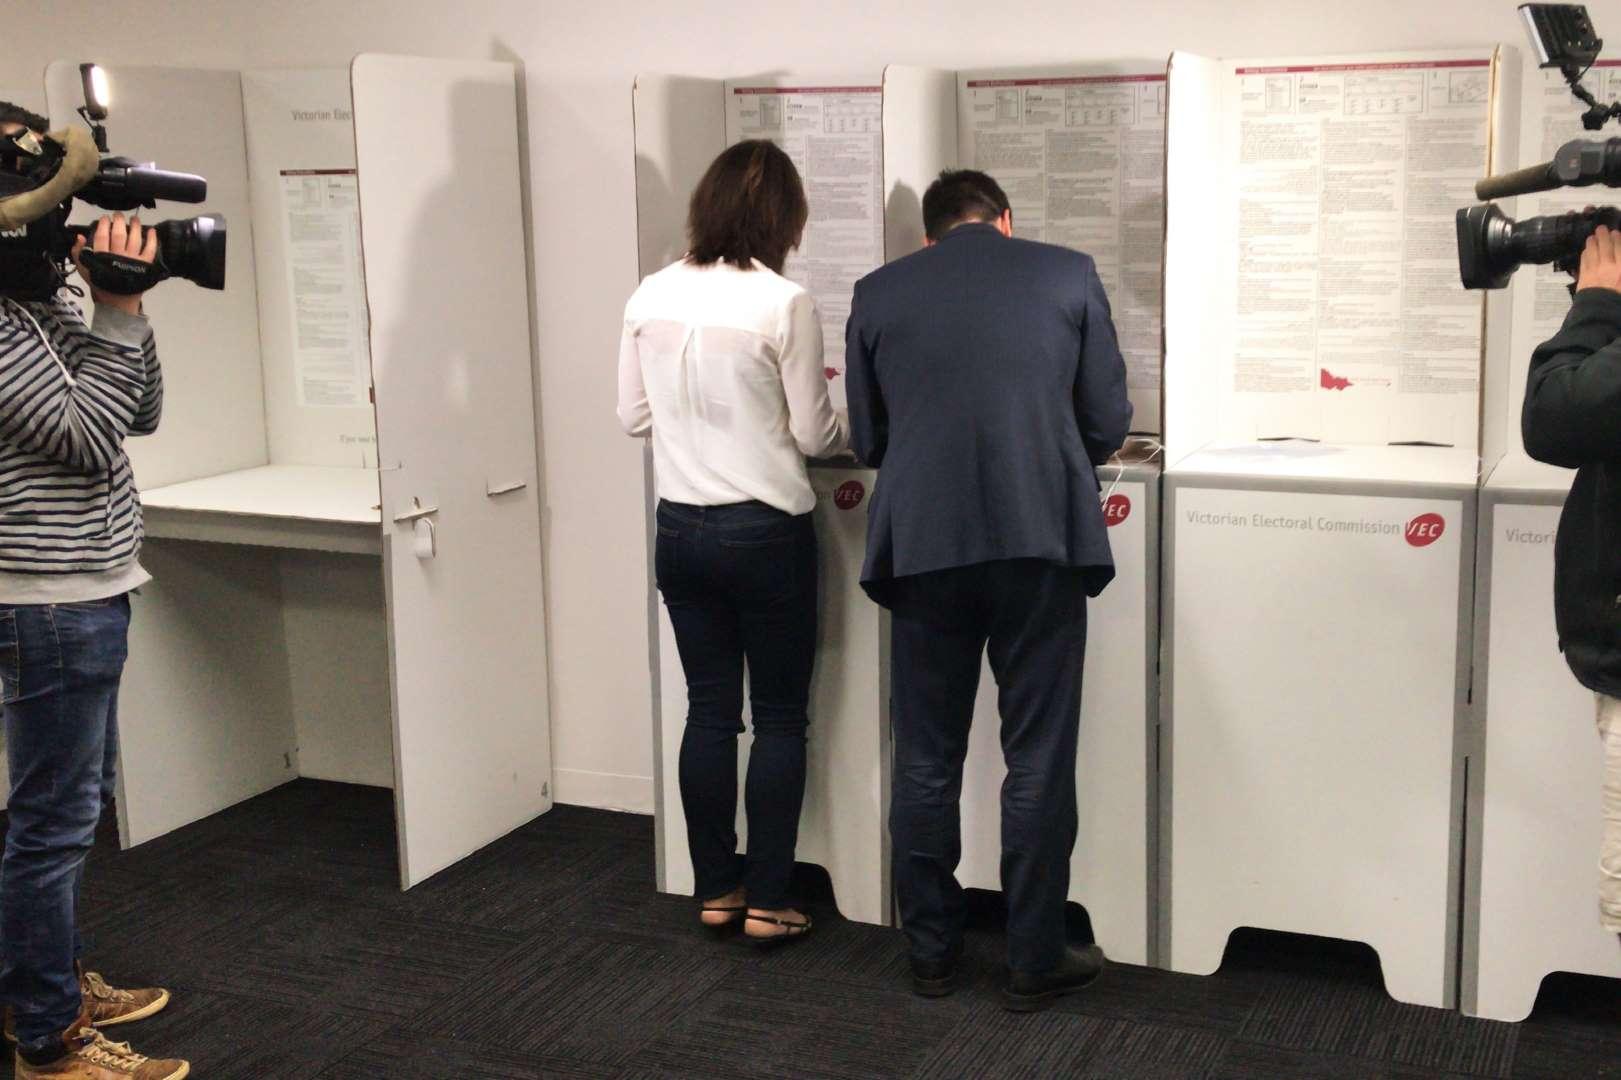 آغاز رای گیری زودهنگام انتخابات فدرال استرالیا